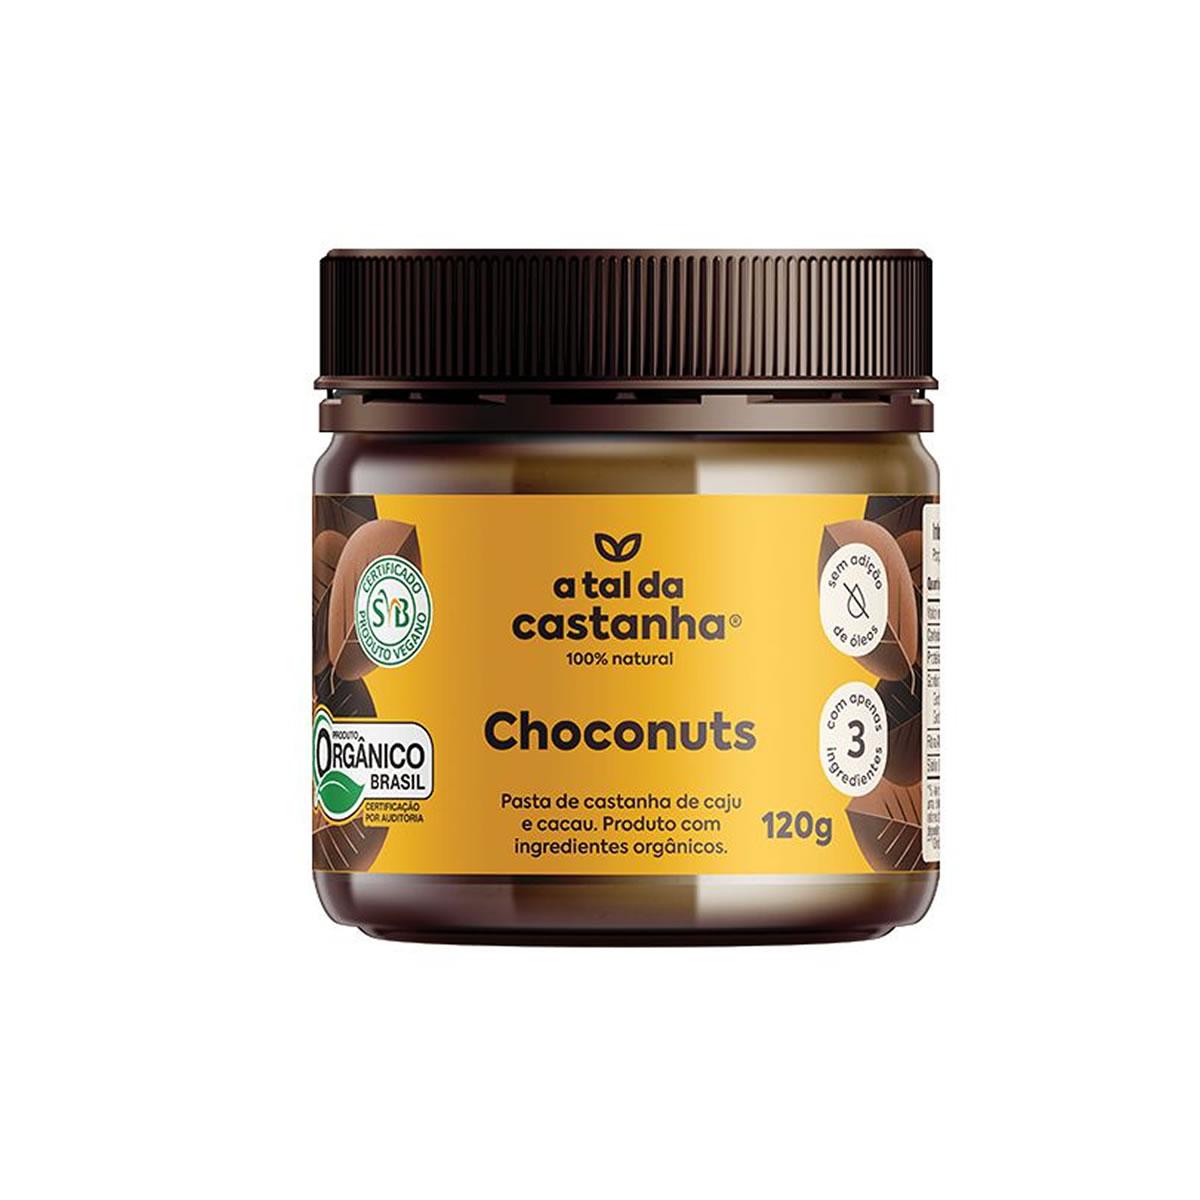 Pasta de Castanha de Caju com Cacau Choconuts Orgânico 120g - A Tal da Castanha